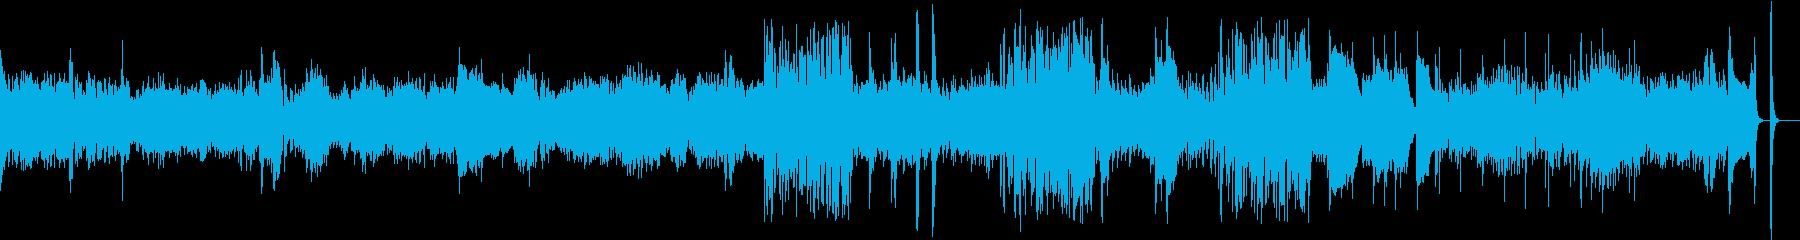 切ないピアノの旋律からのジャズアレンジの再生済みの波形